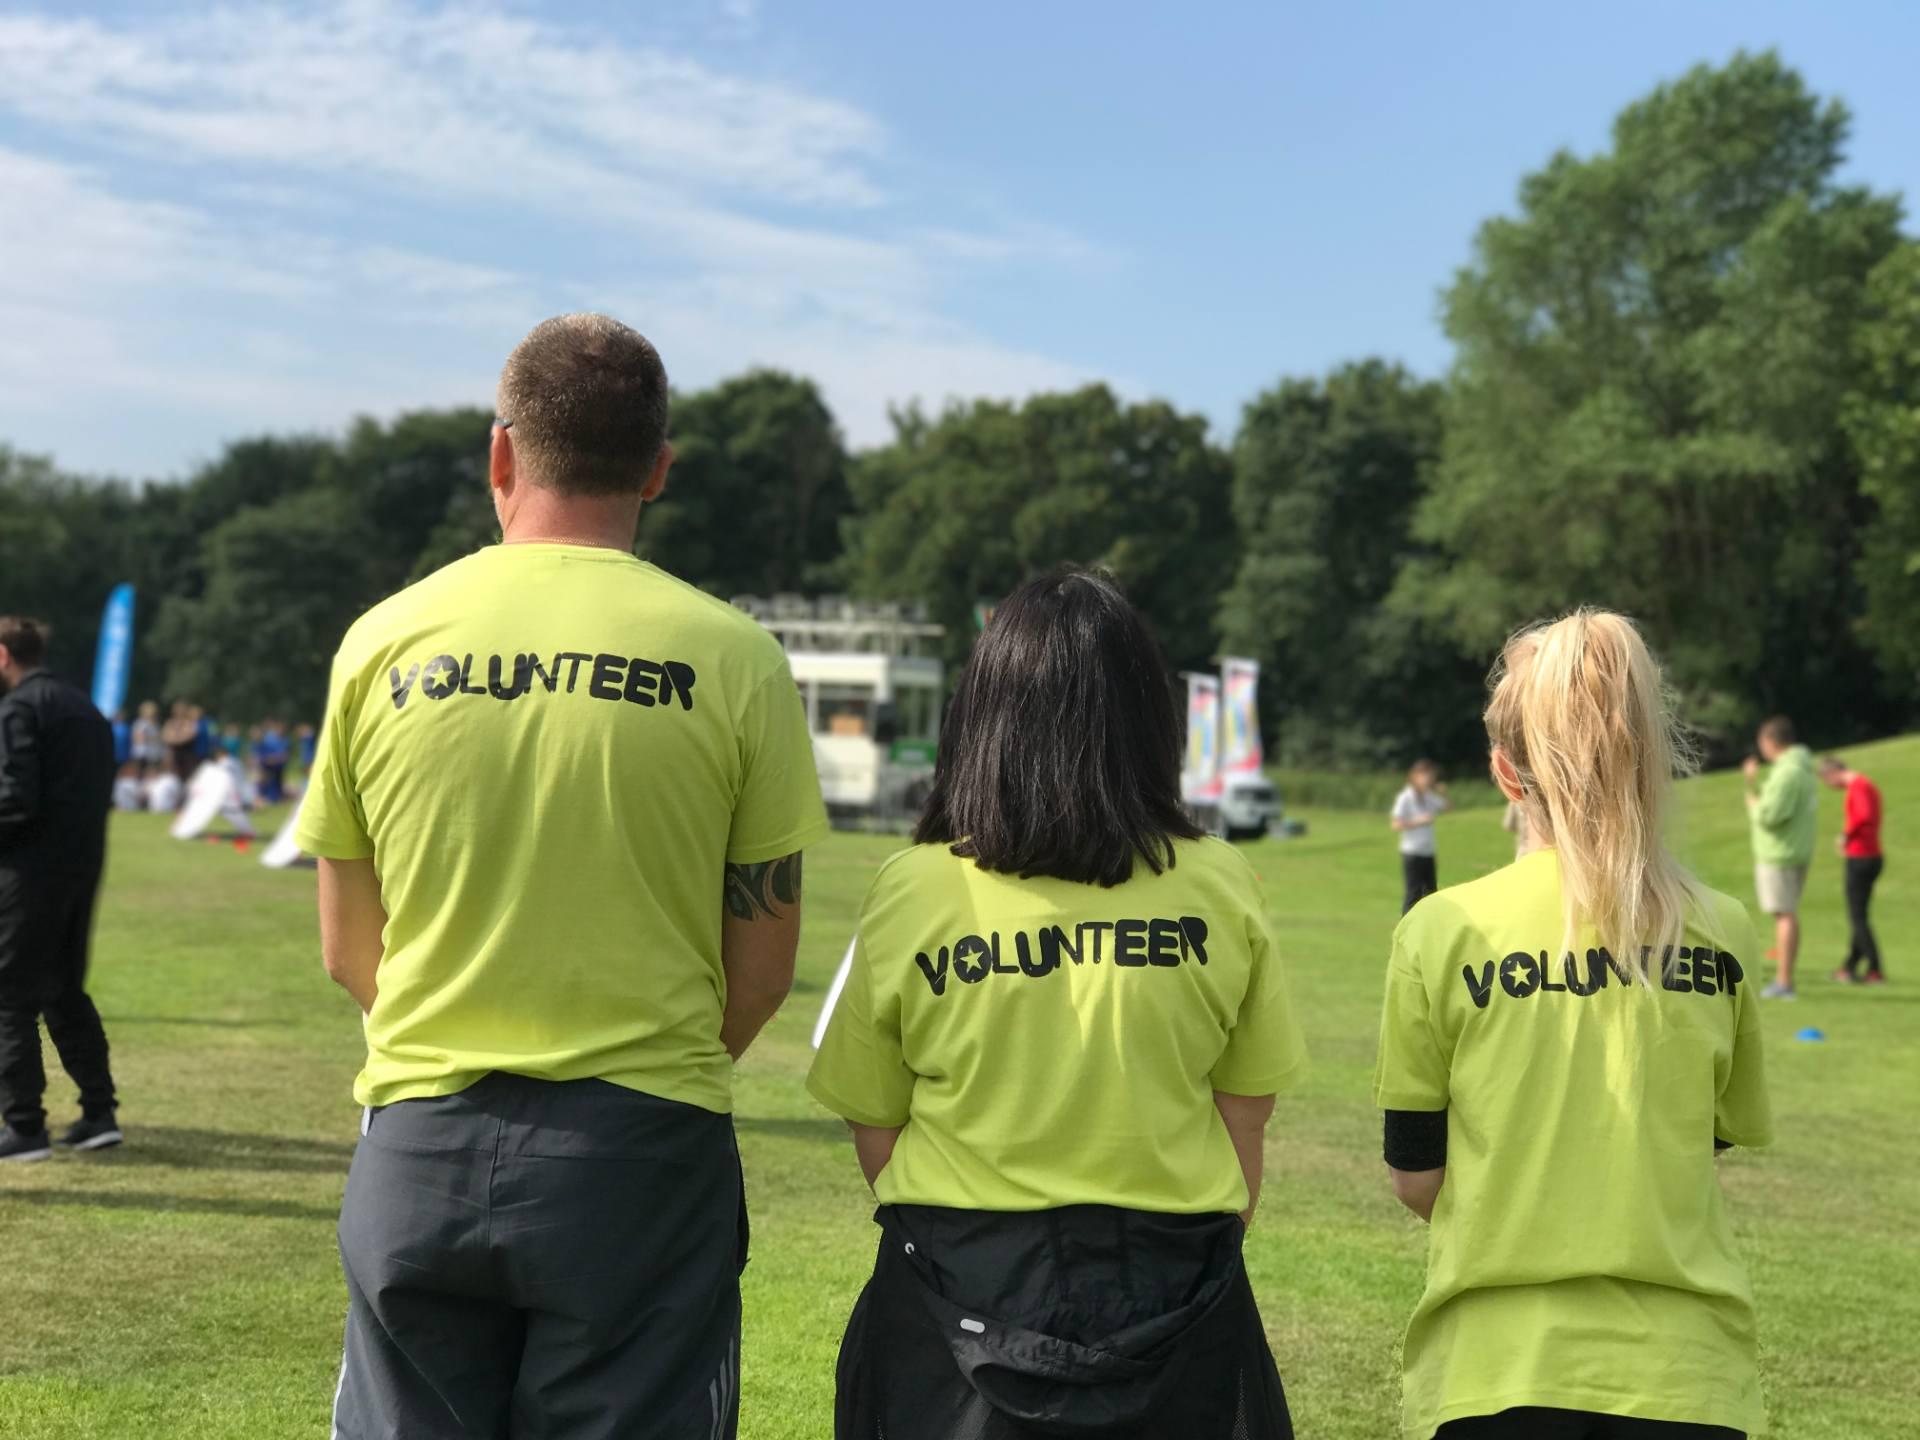 https://merseysidesport.com/wp-content/uploads/2020/08/Row-of-volunteers-.jpg